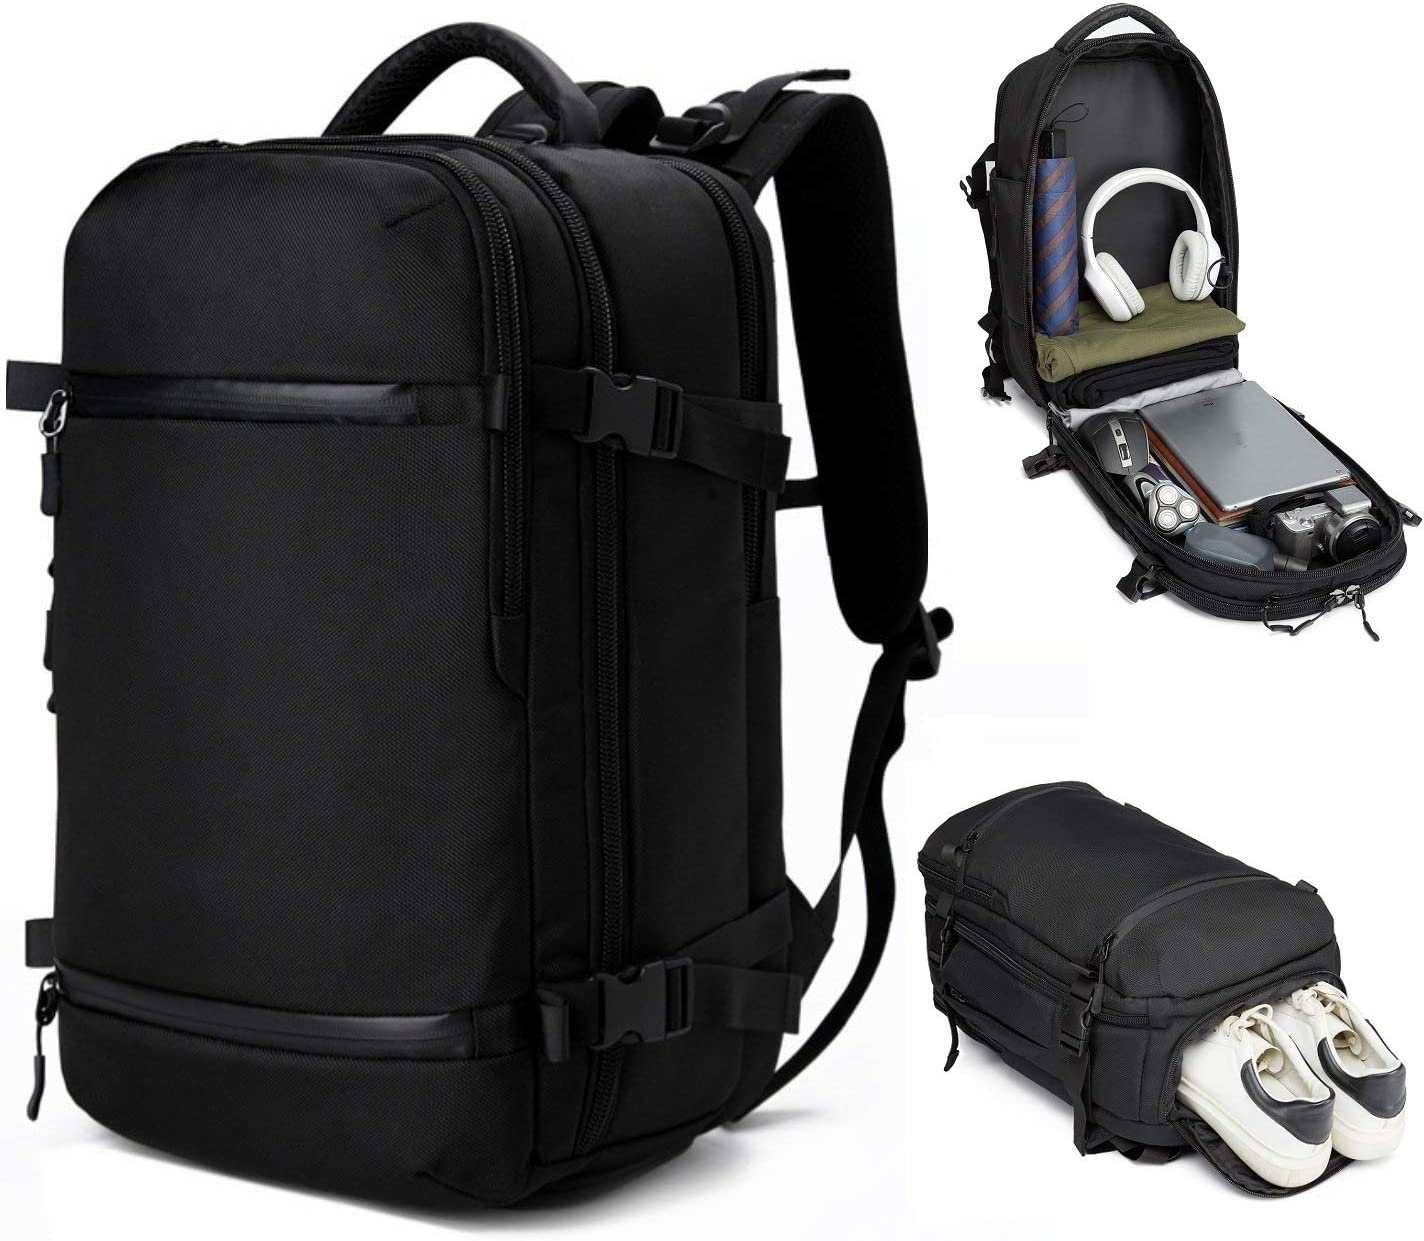 OZUKO 17 inch Laptop Backpack Waterproof Travel Bag